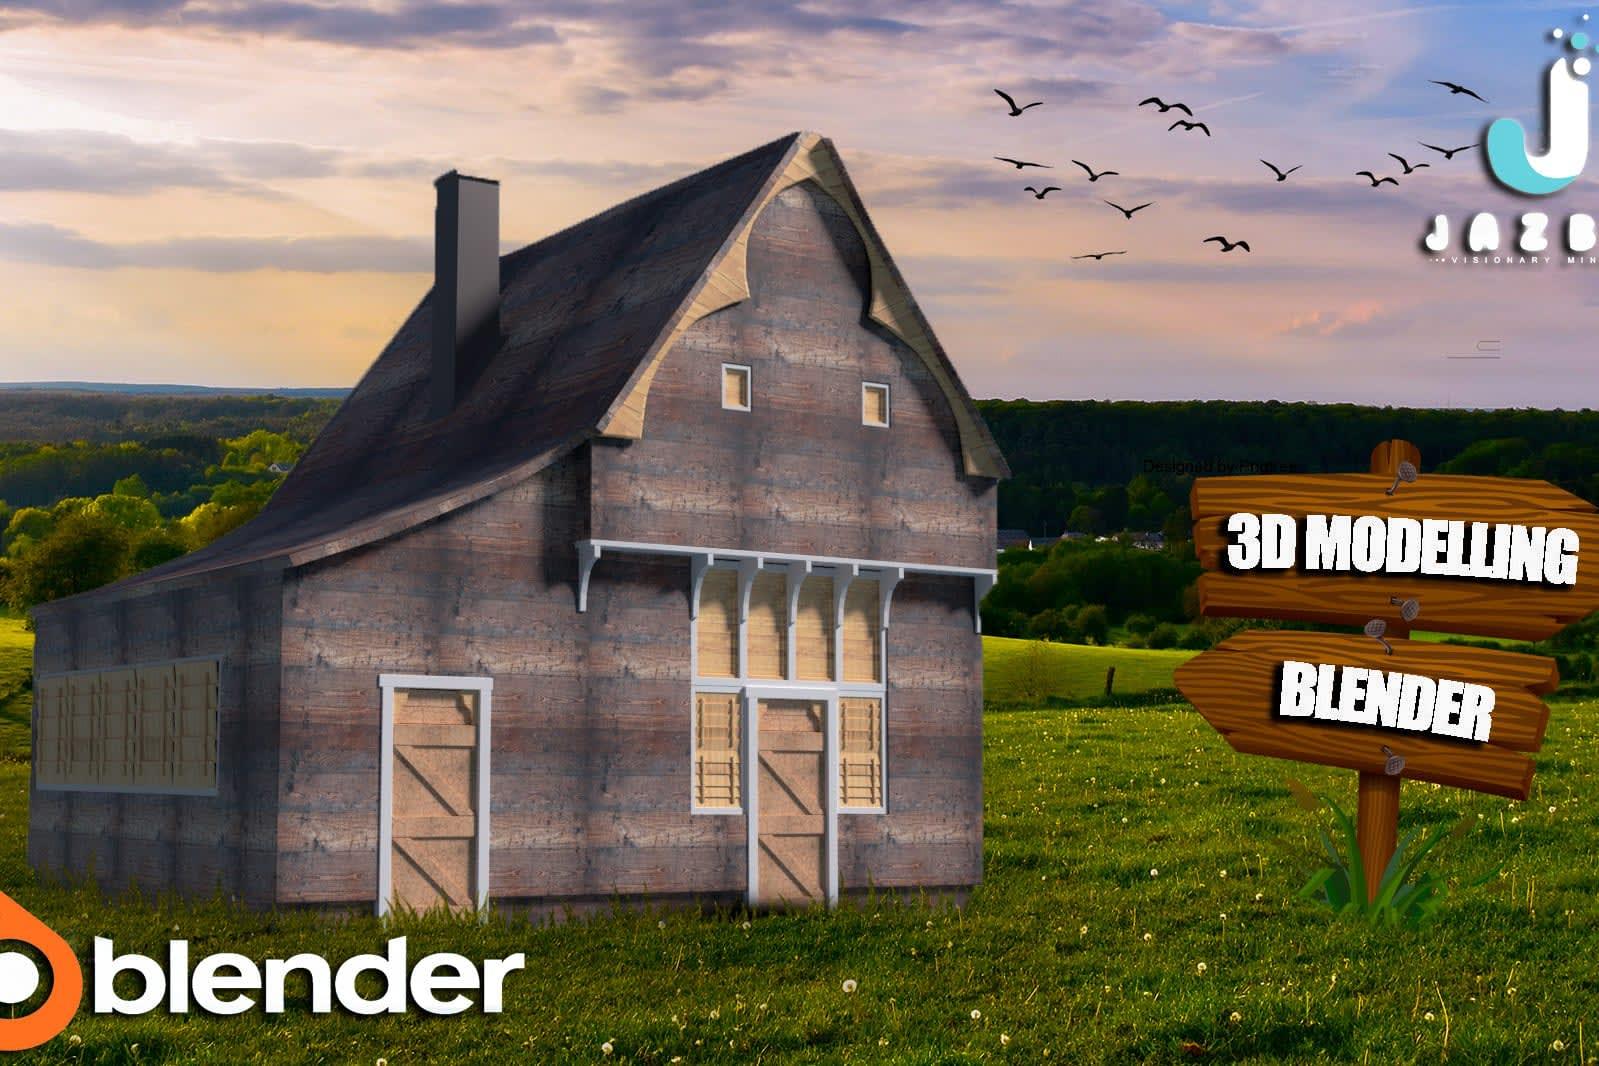 Portfolio for 3D Modeling In Blender